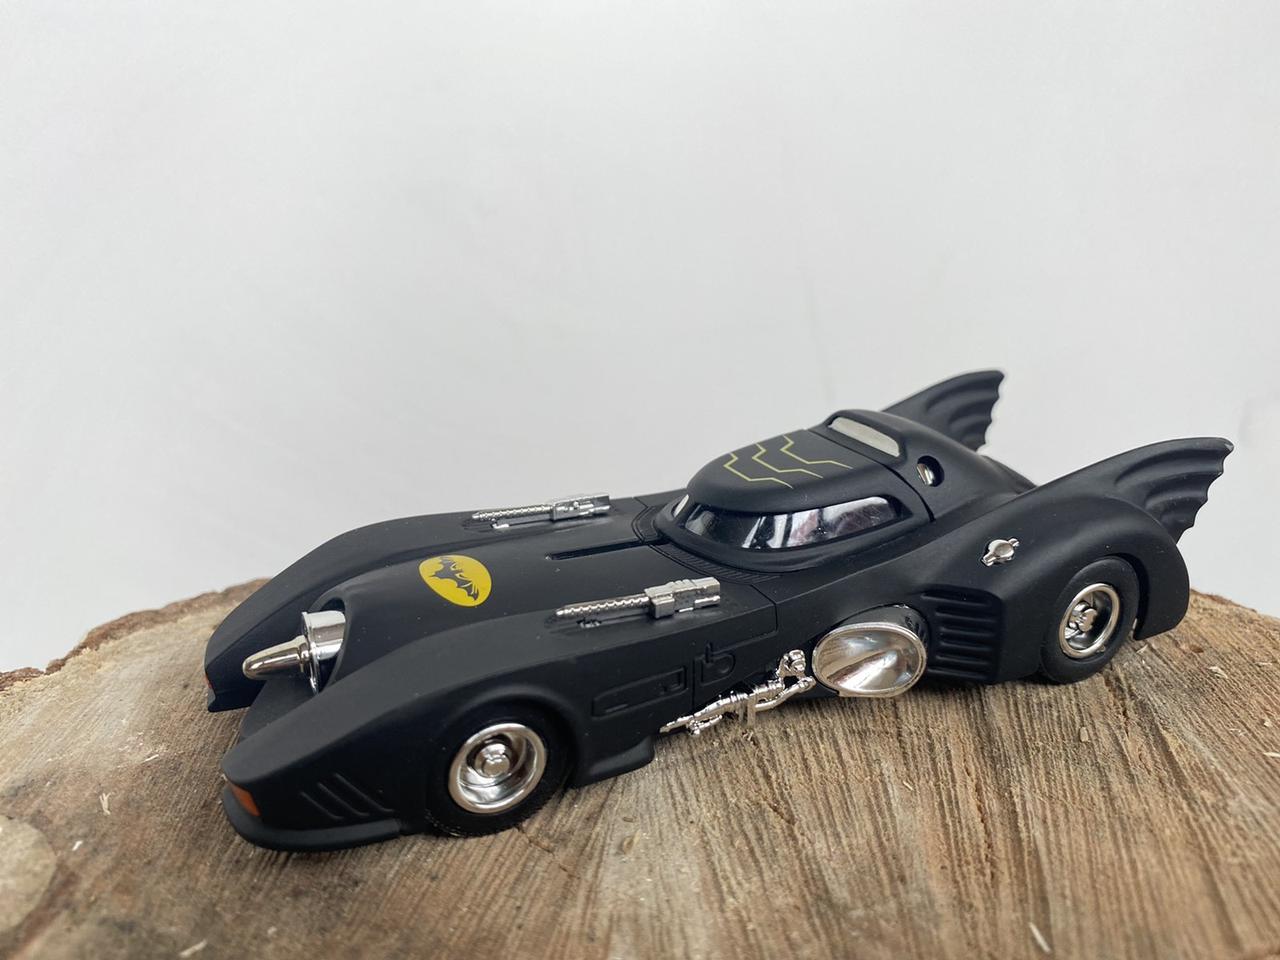 Машинка Бэтмобиль, чёрная классическая модель летучей мыши